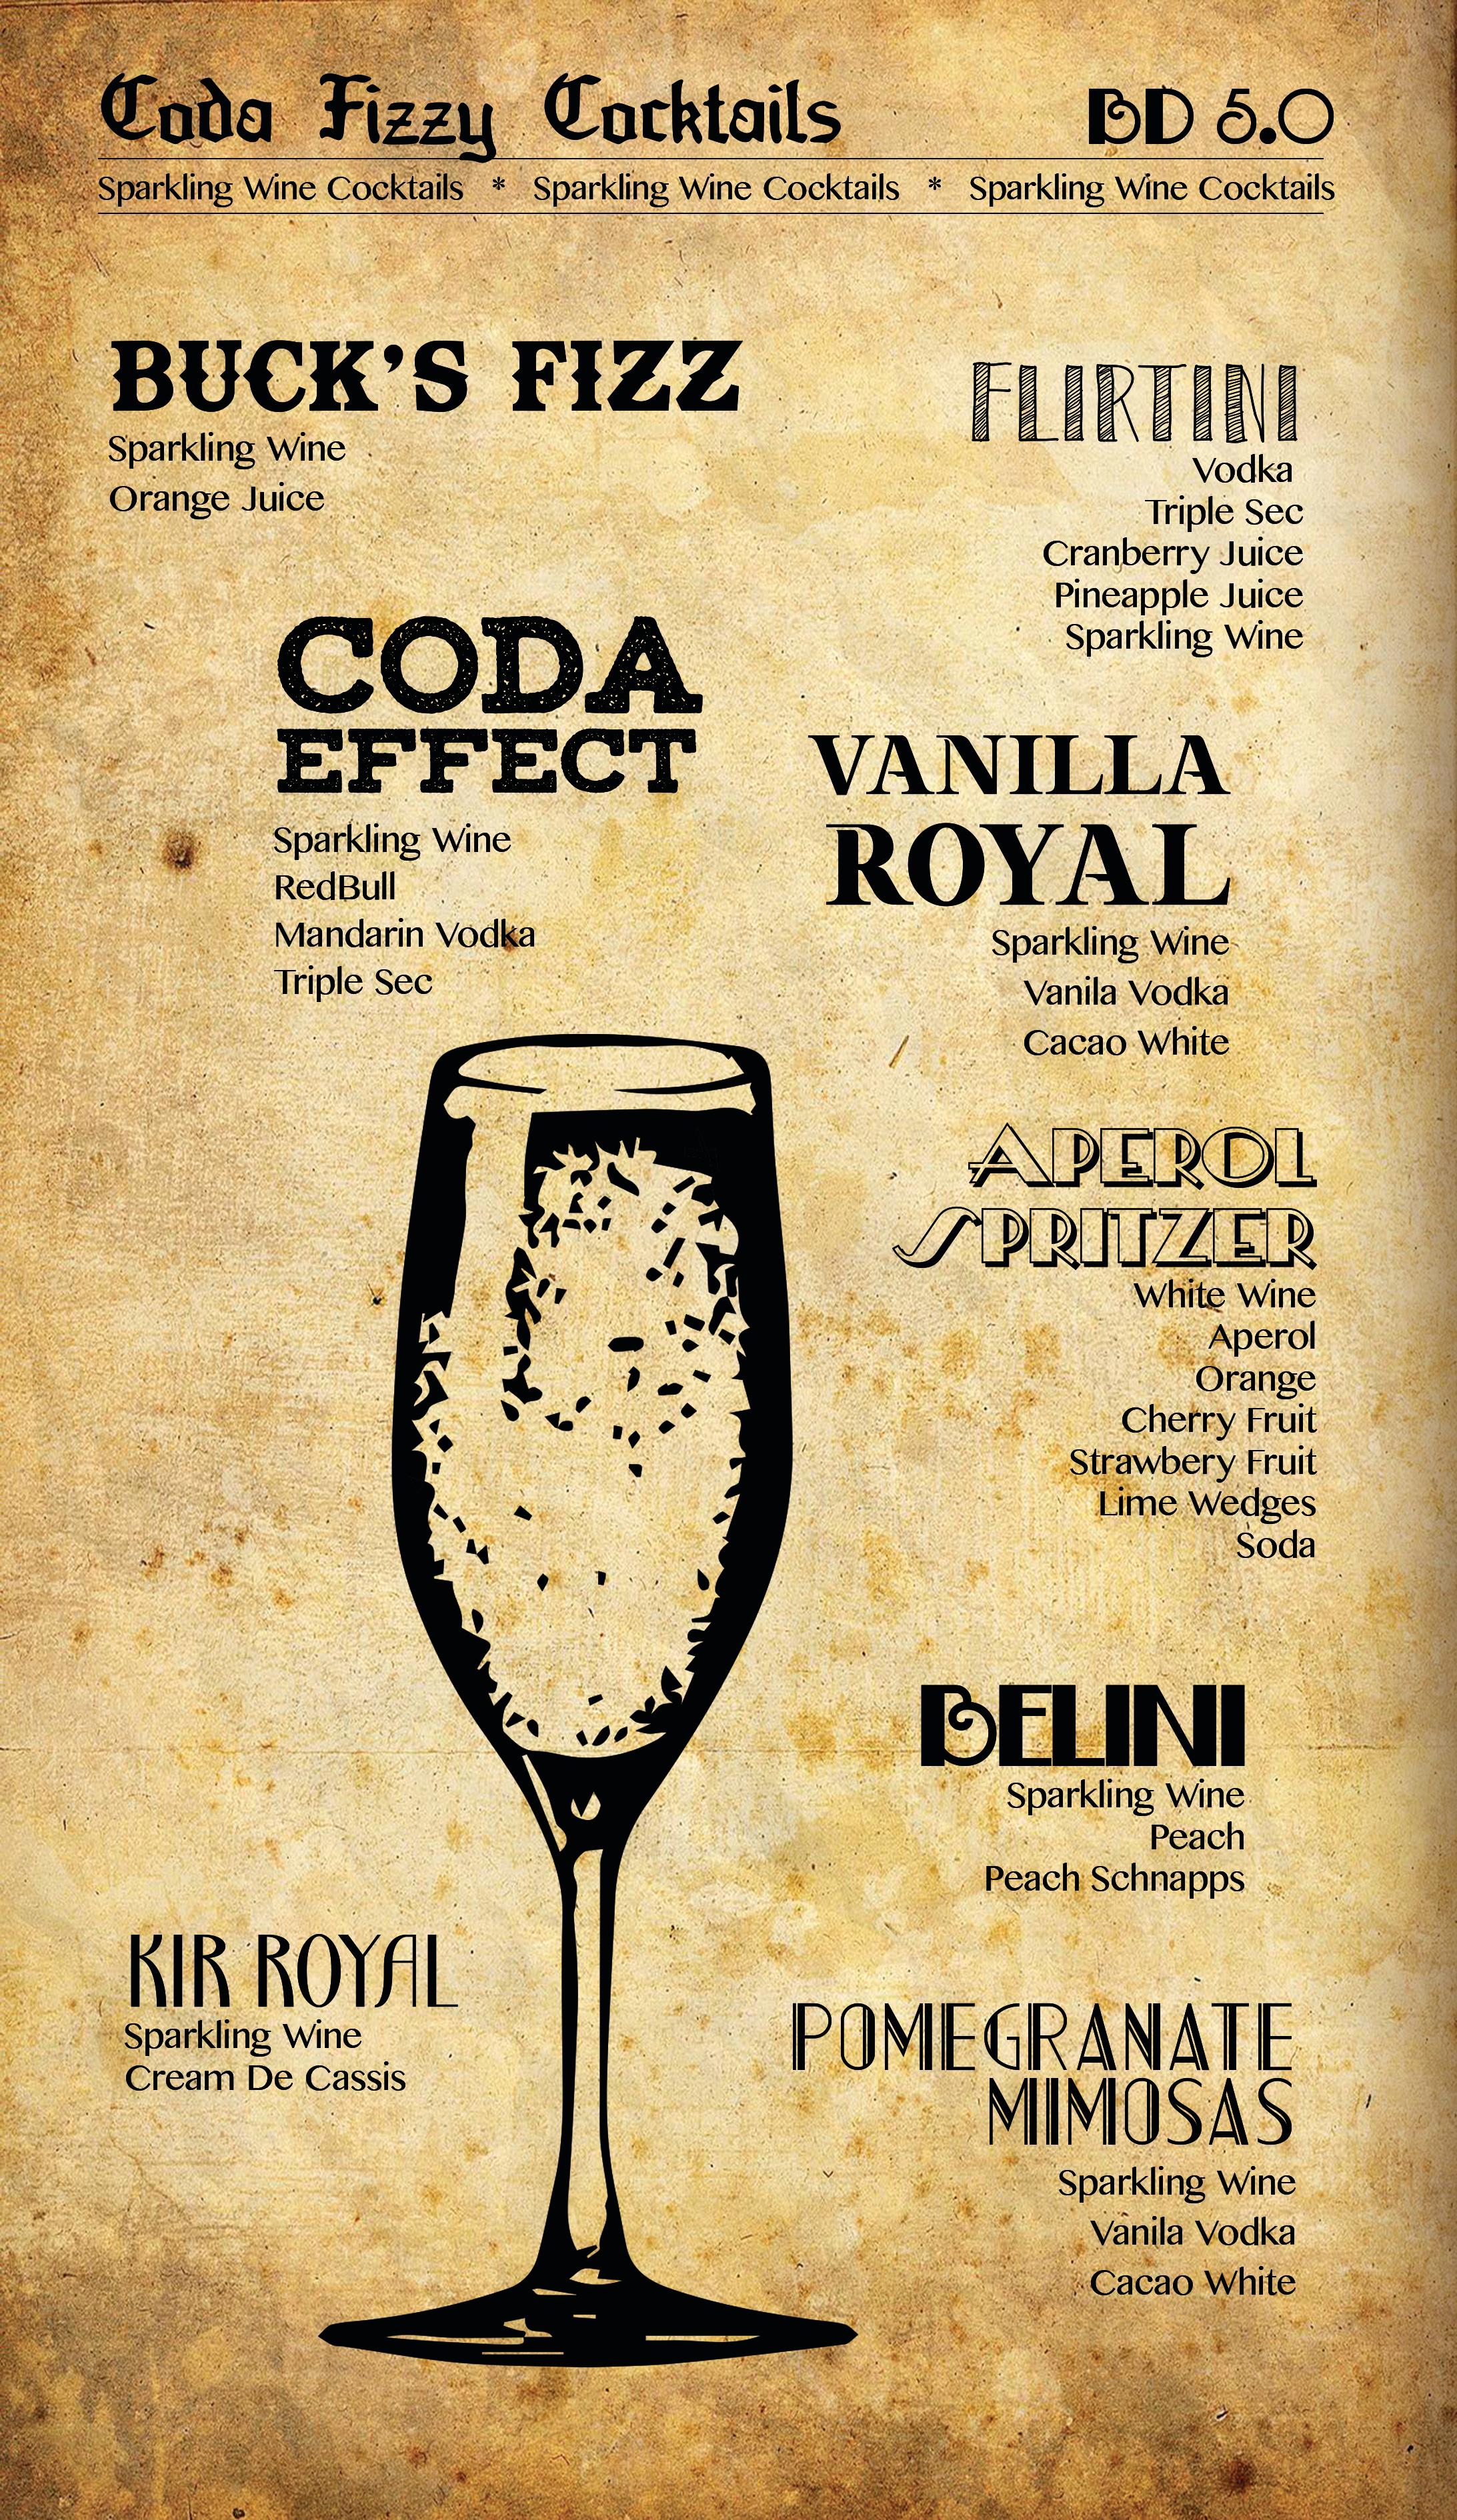 Coda Fizzy Cocktails